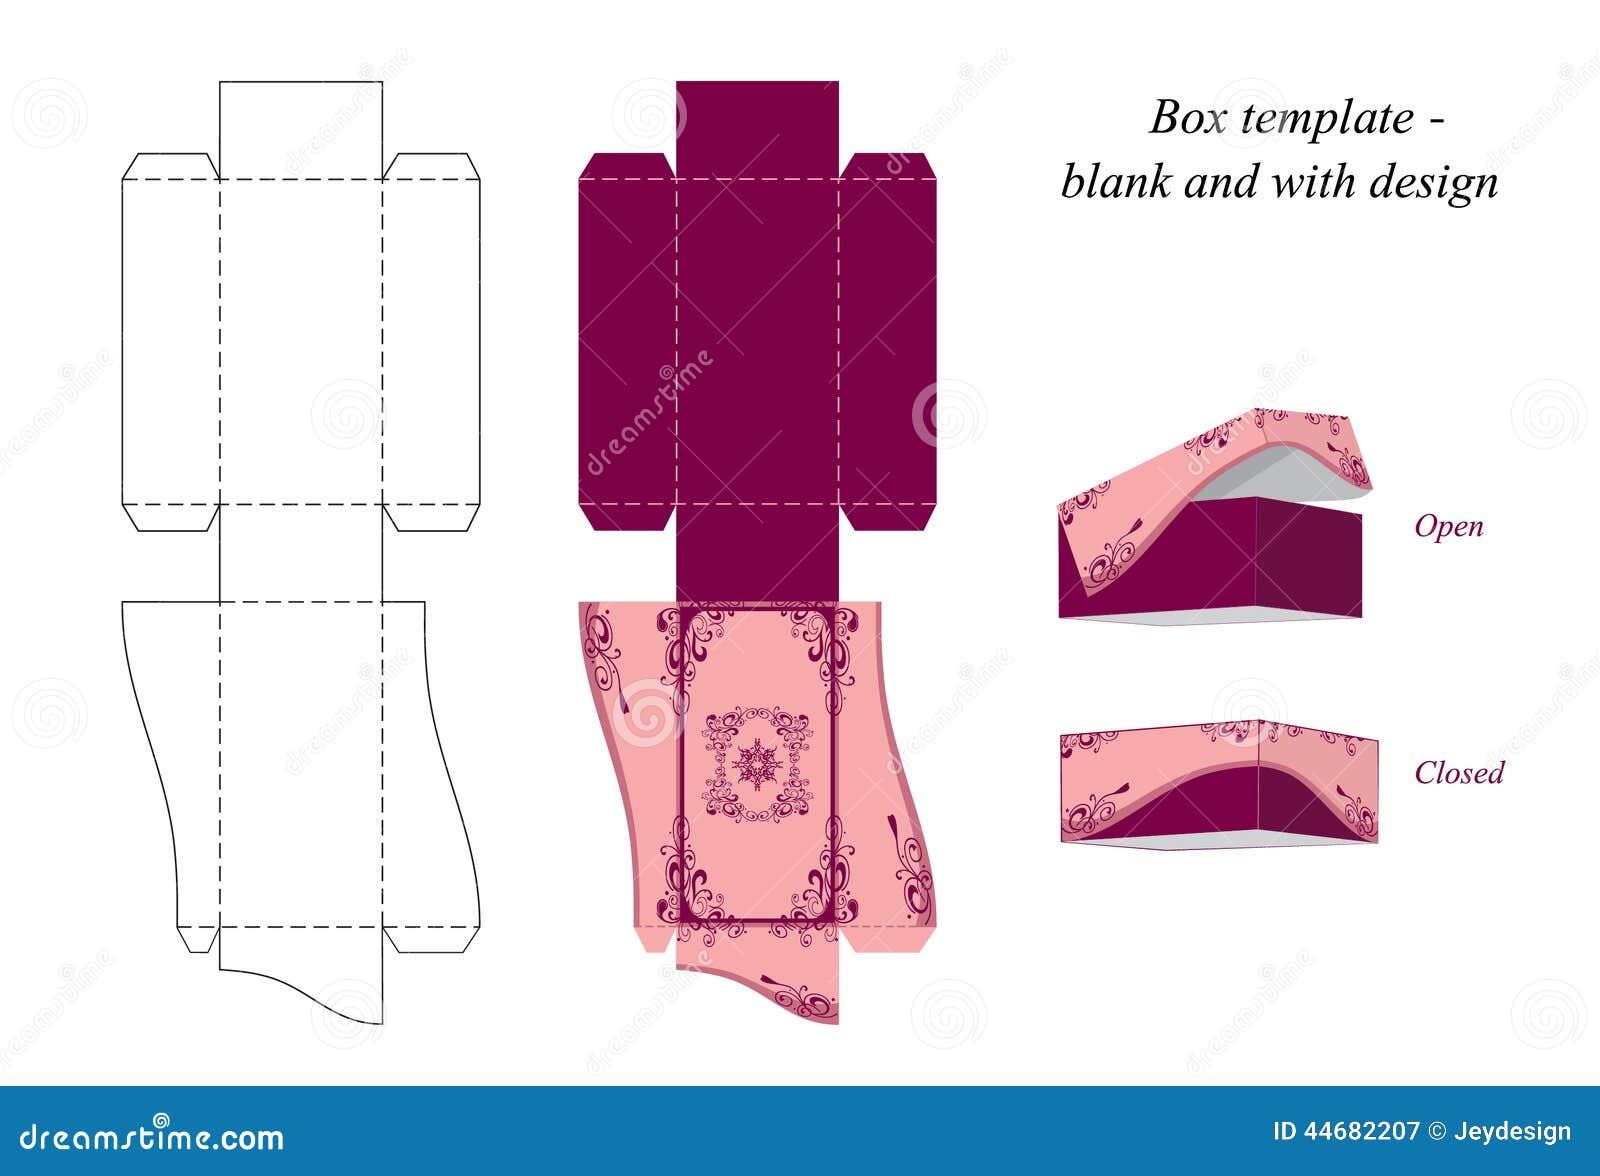 Plantilla interesante de la caja, espacio en blanco y con diseño